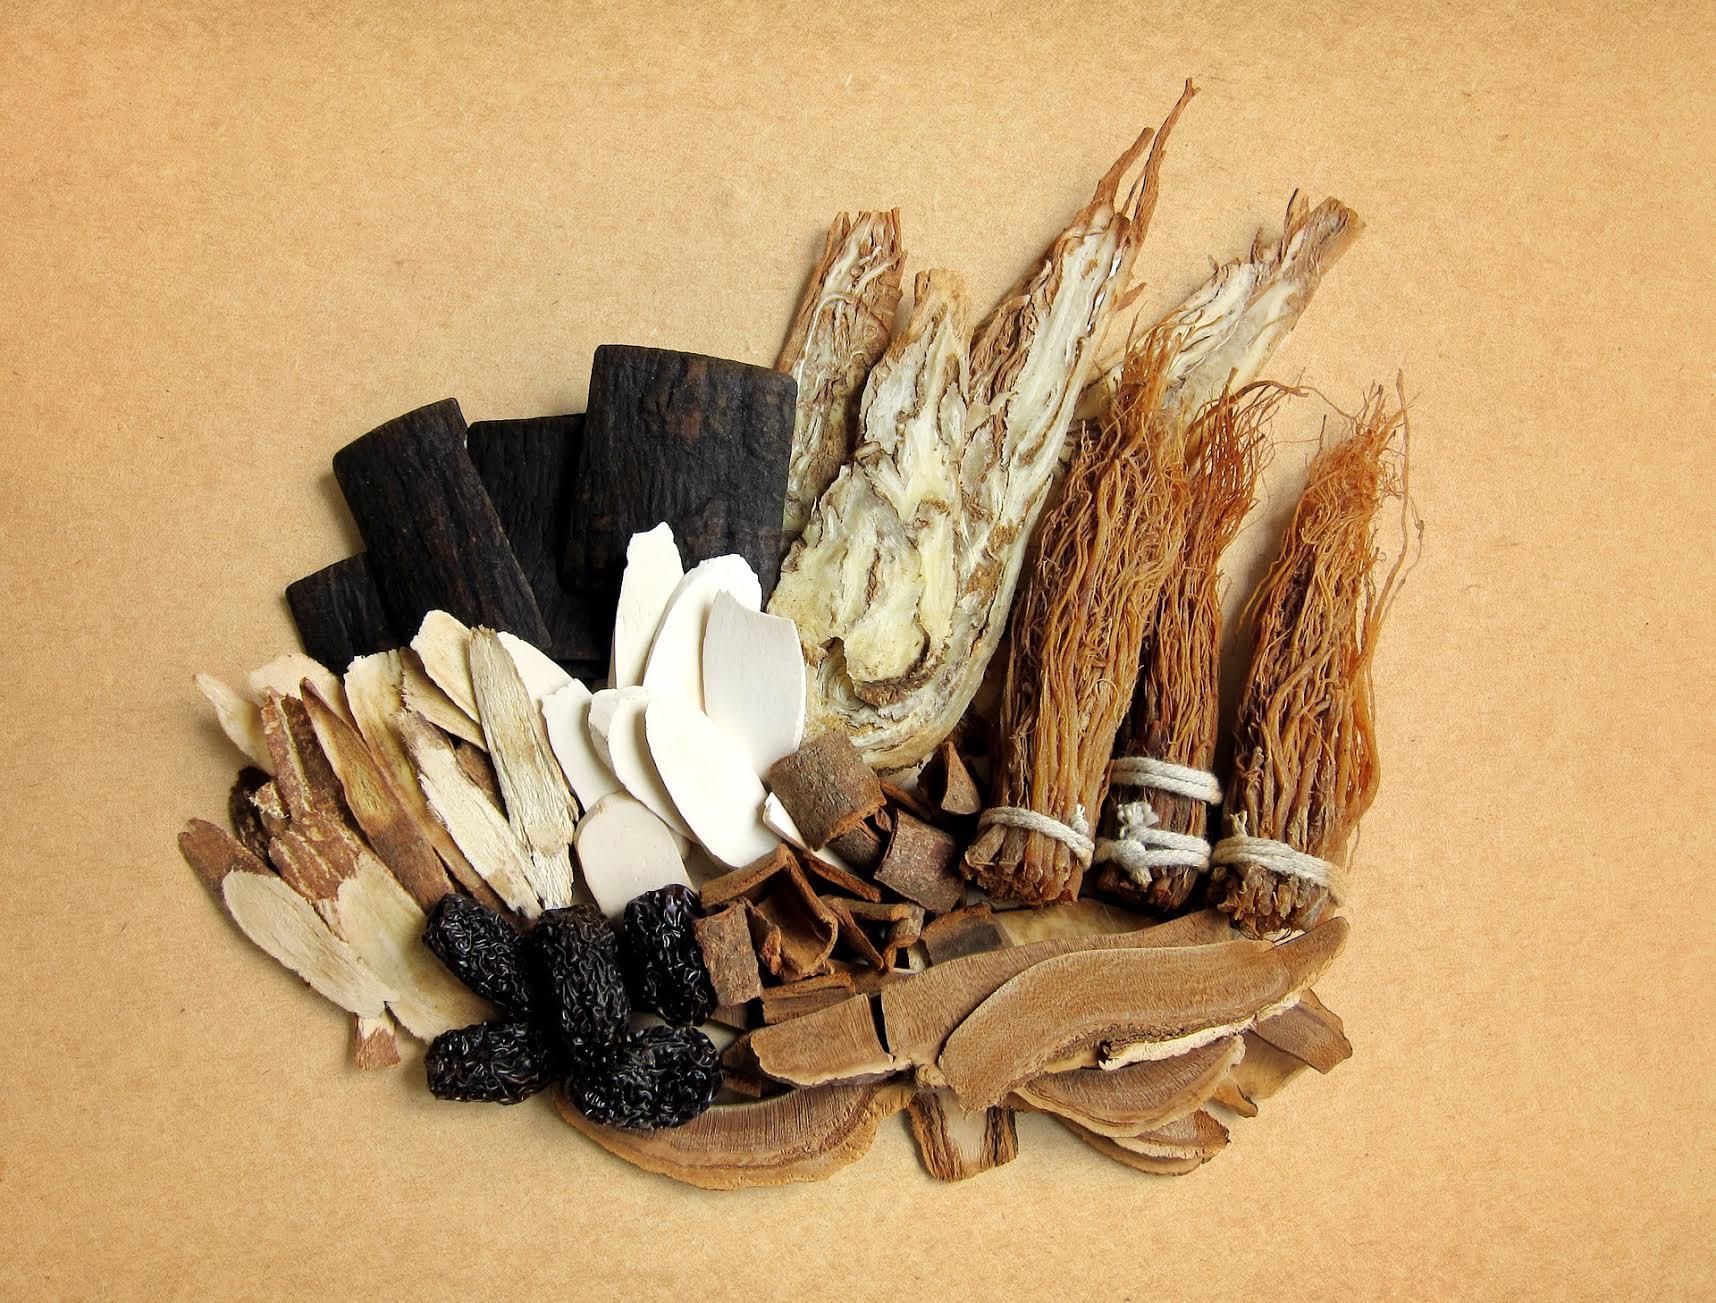 Chinese Herbs austin tx